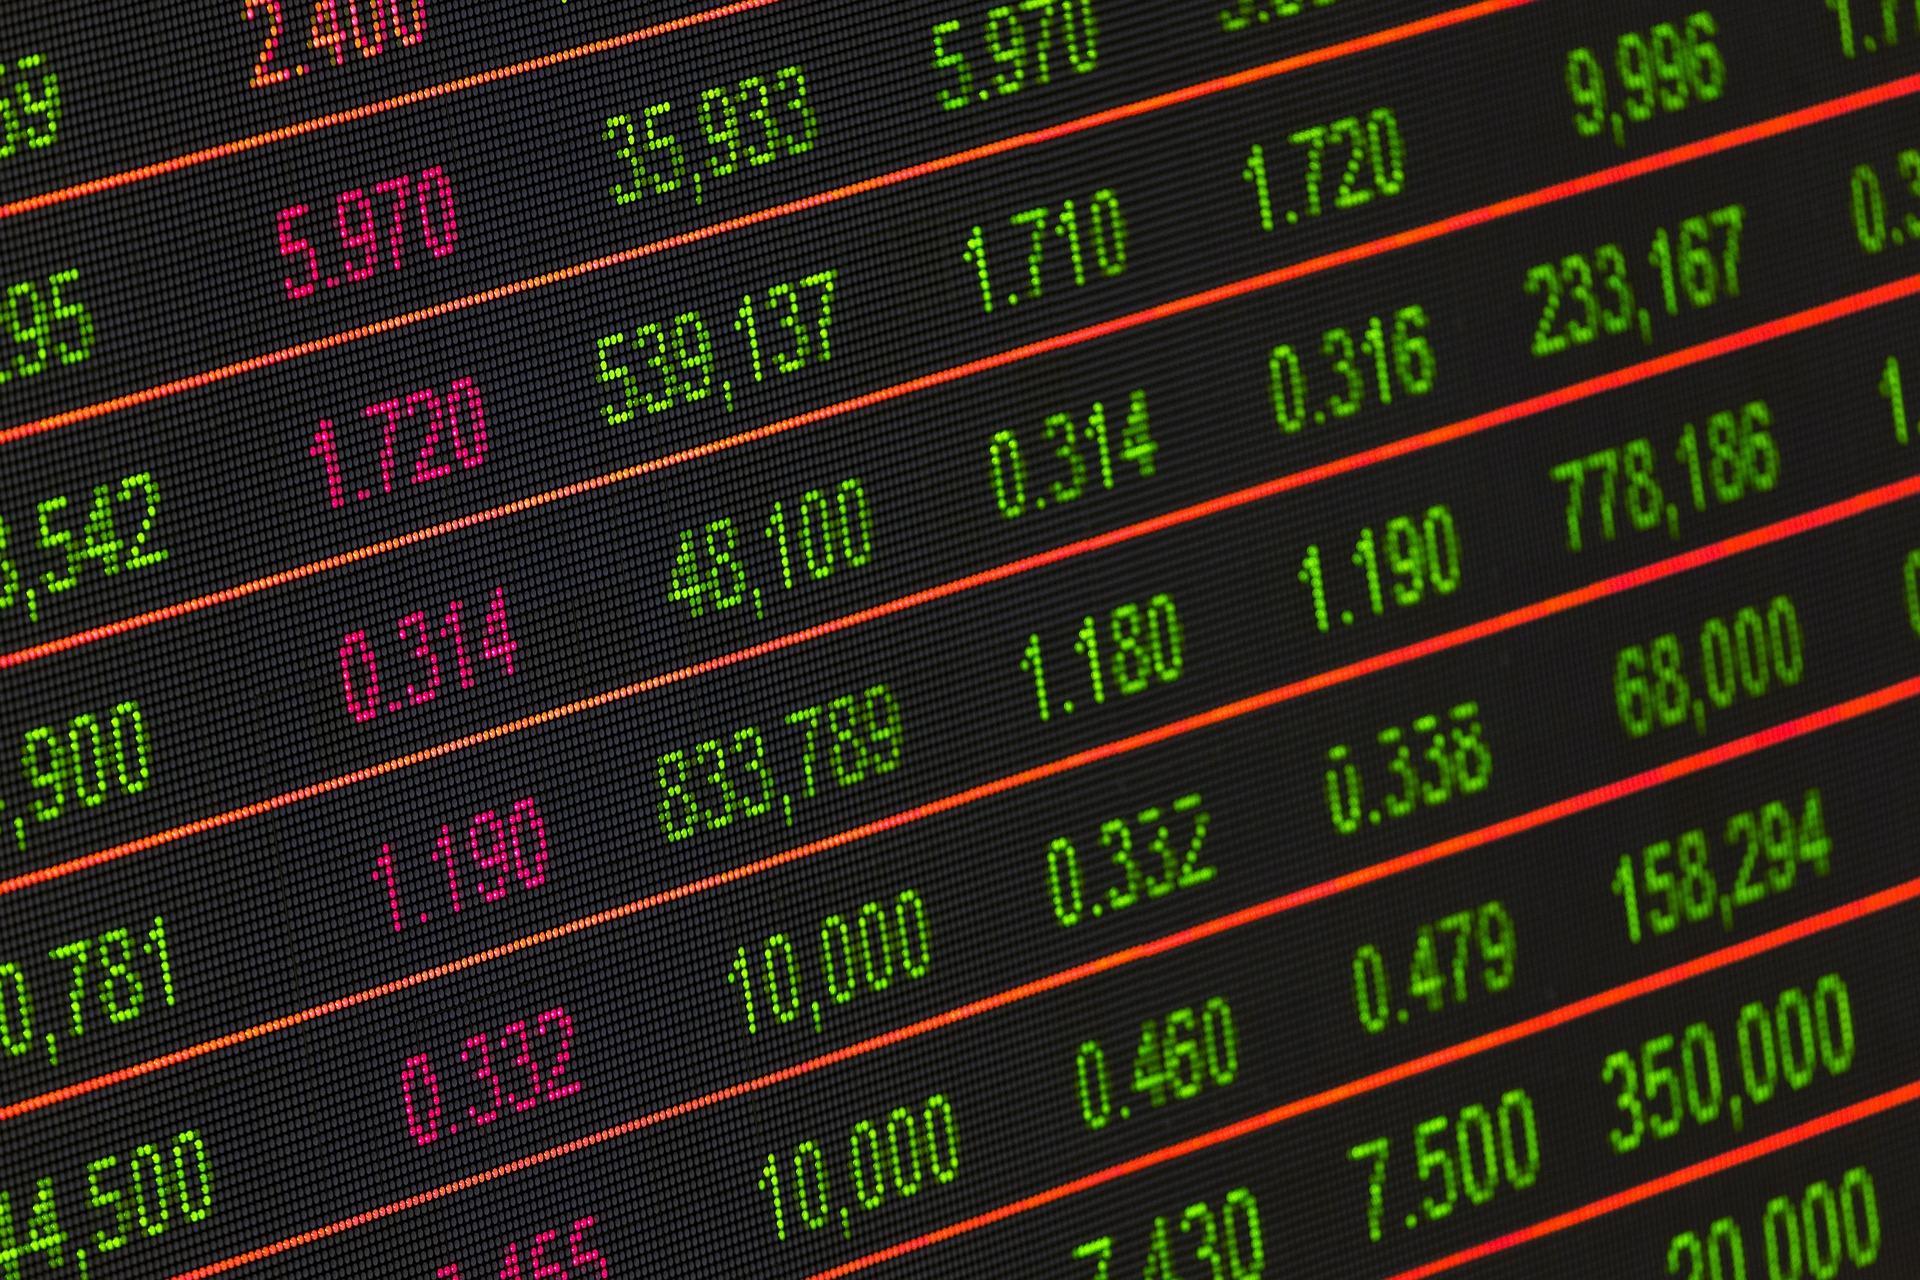 Pour gagner en Bourse, faut-il choisir des actions en fonction d'un ticker amusant ?